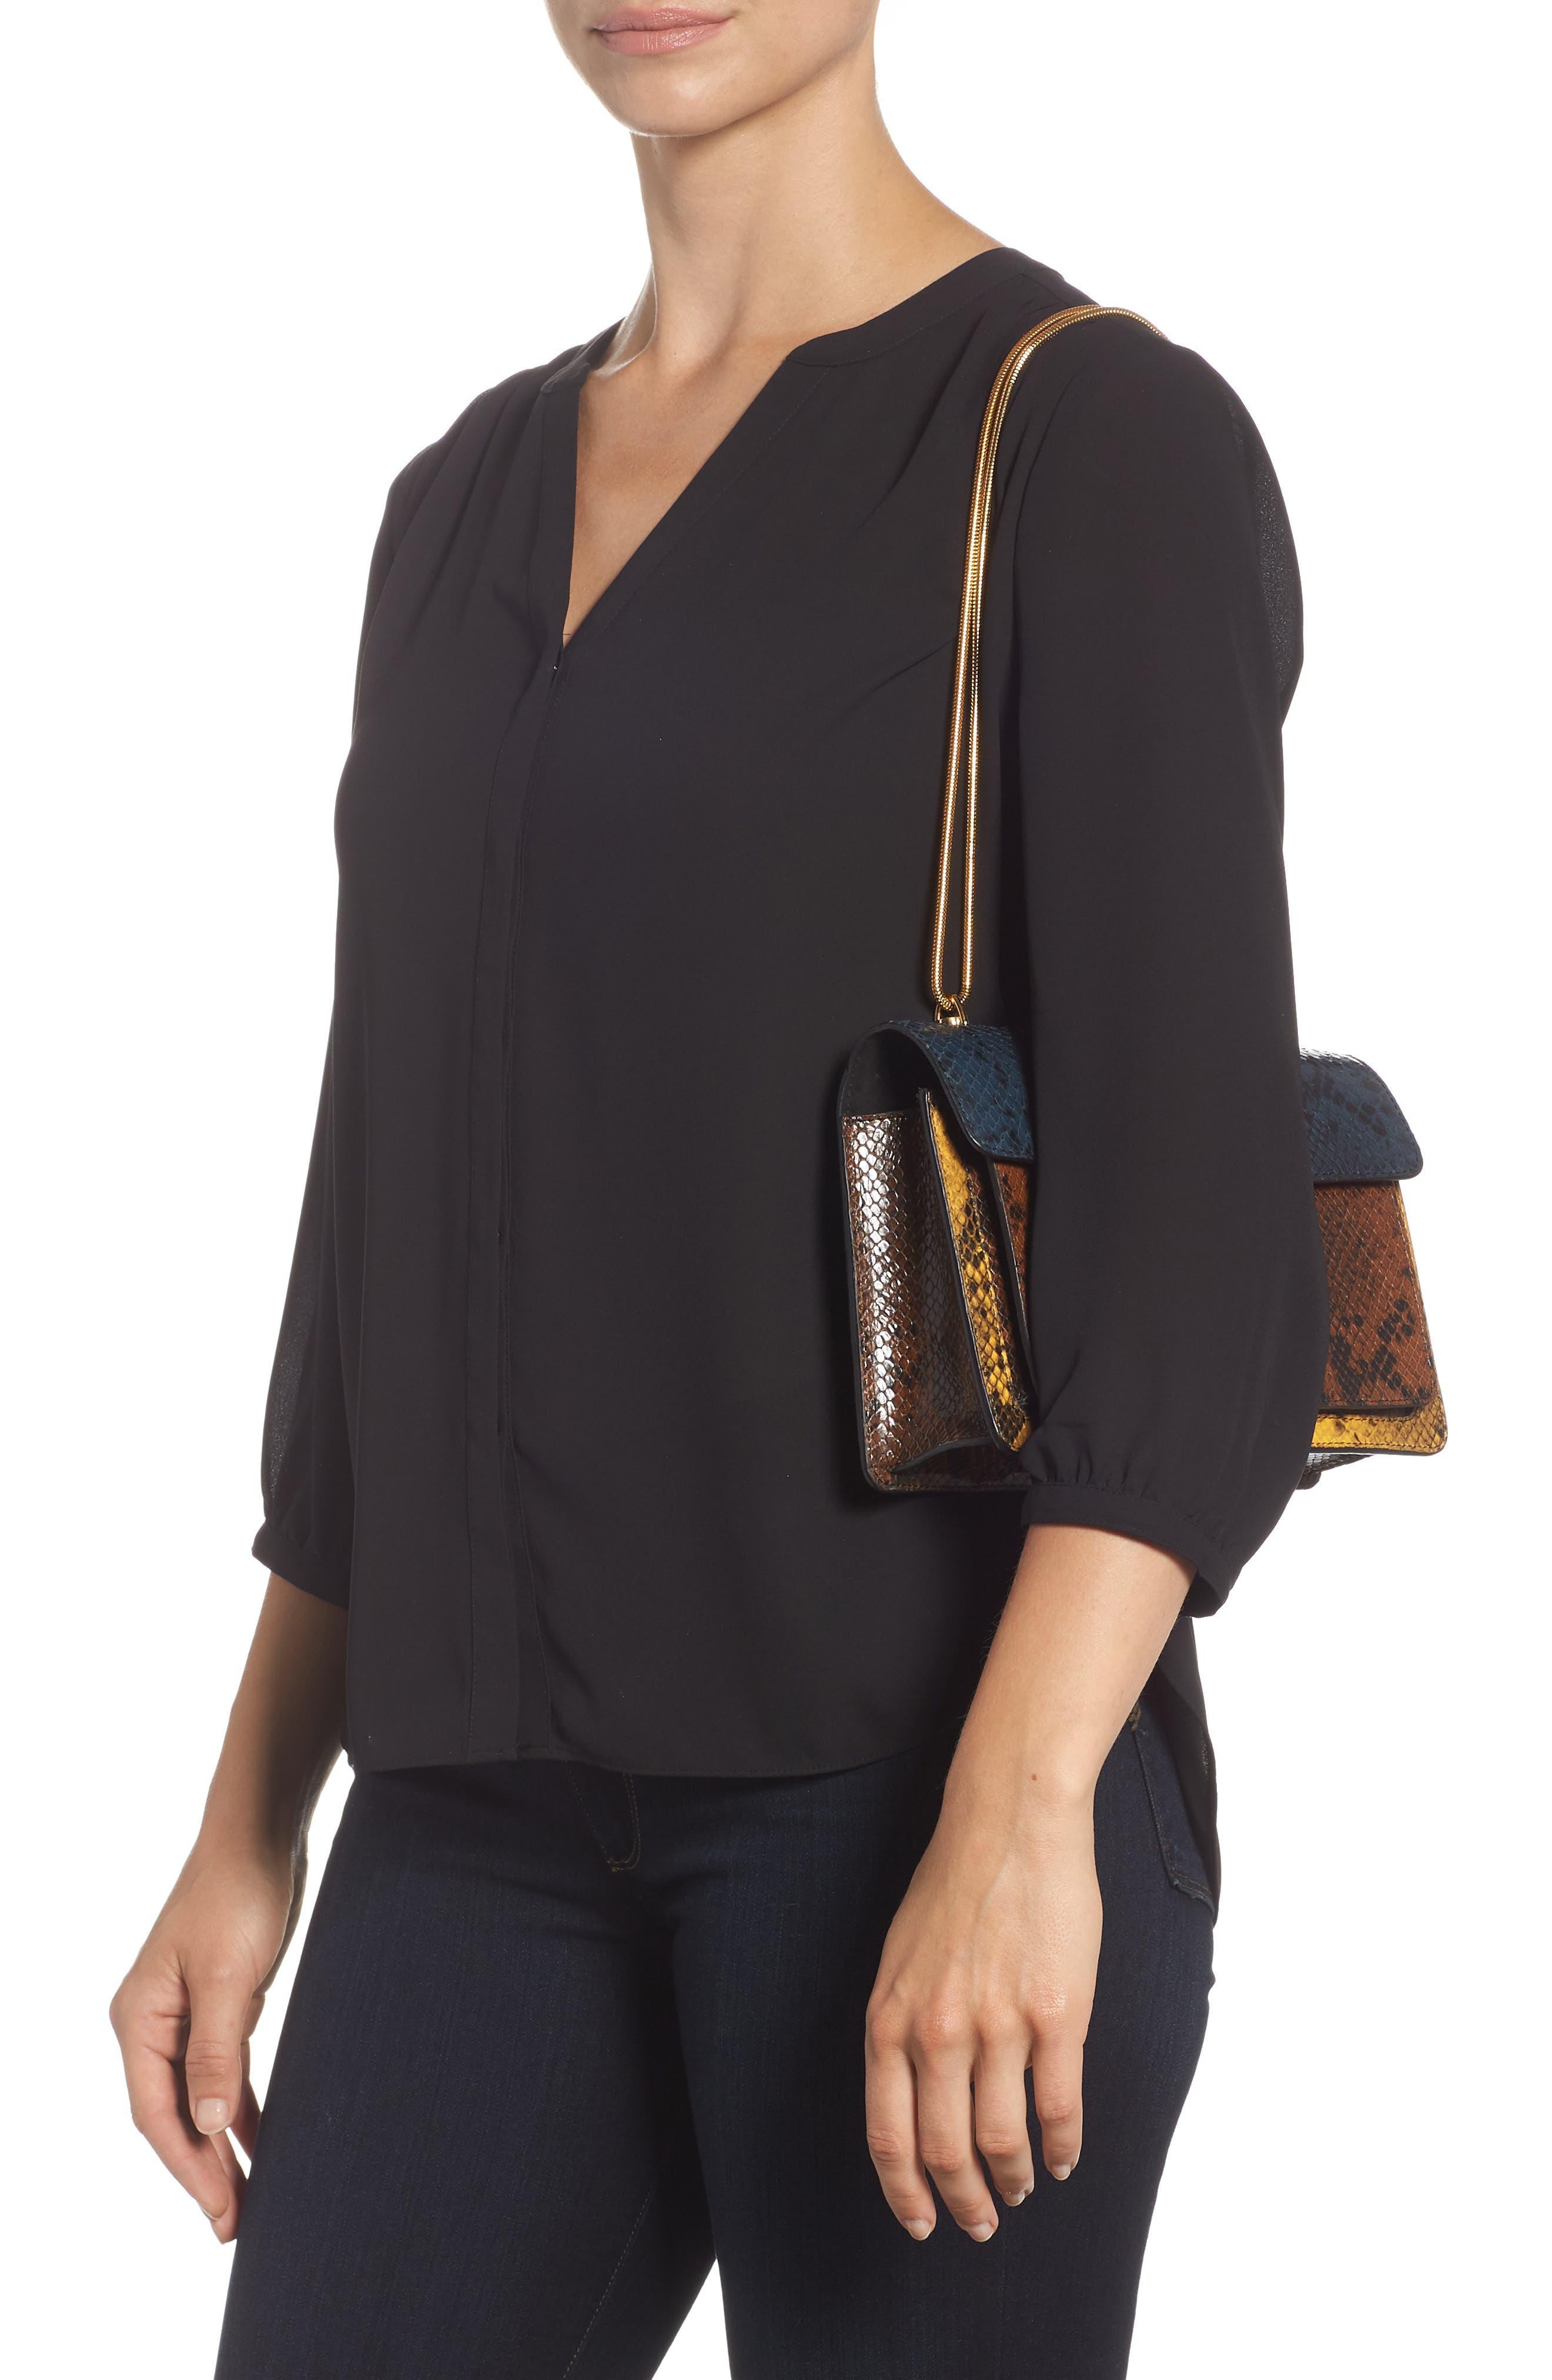 Croc Embossed Leather Shoulder Bag,                             Alternate thumbnail 2, color,                             200